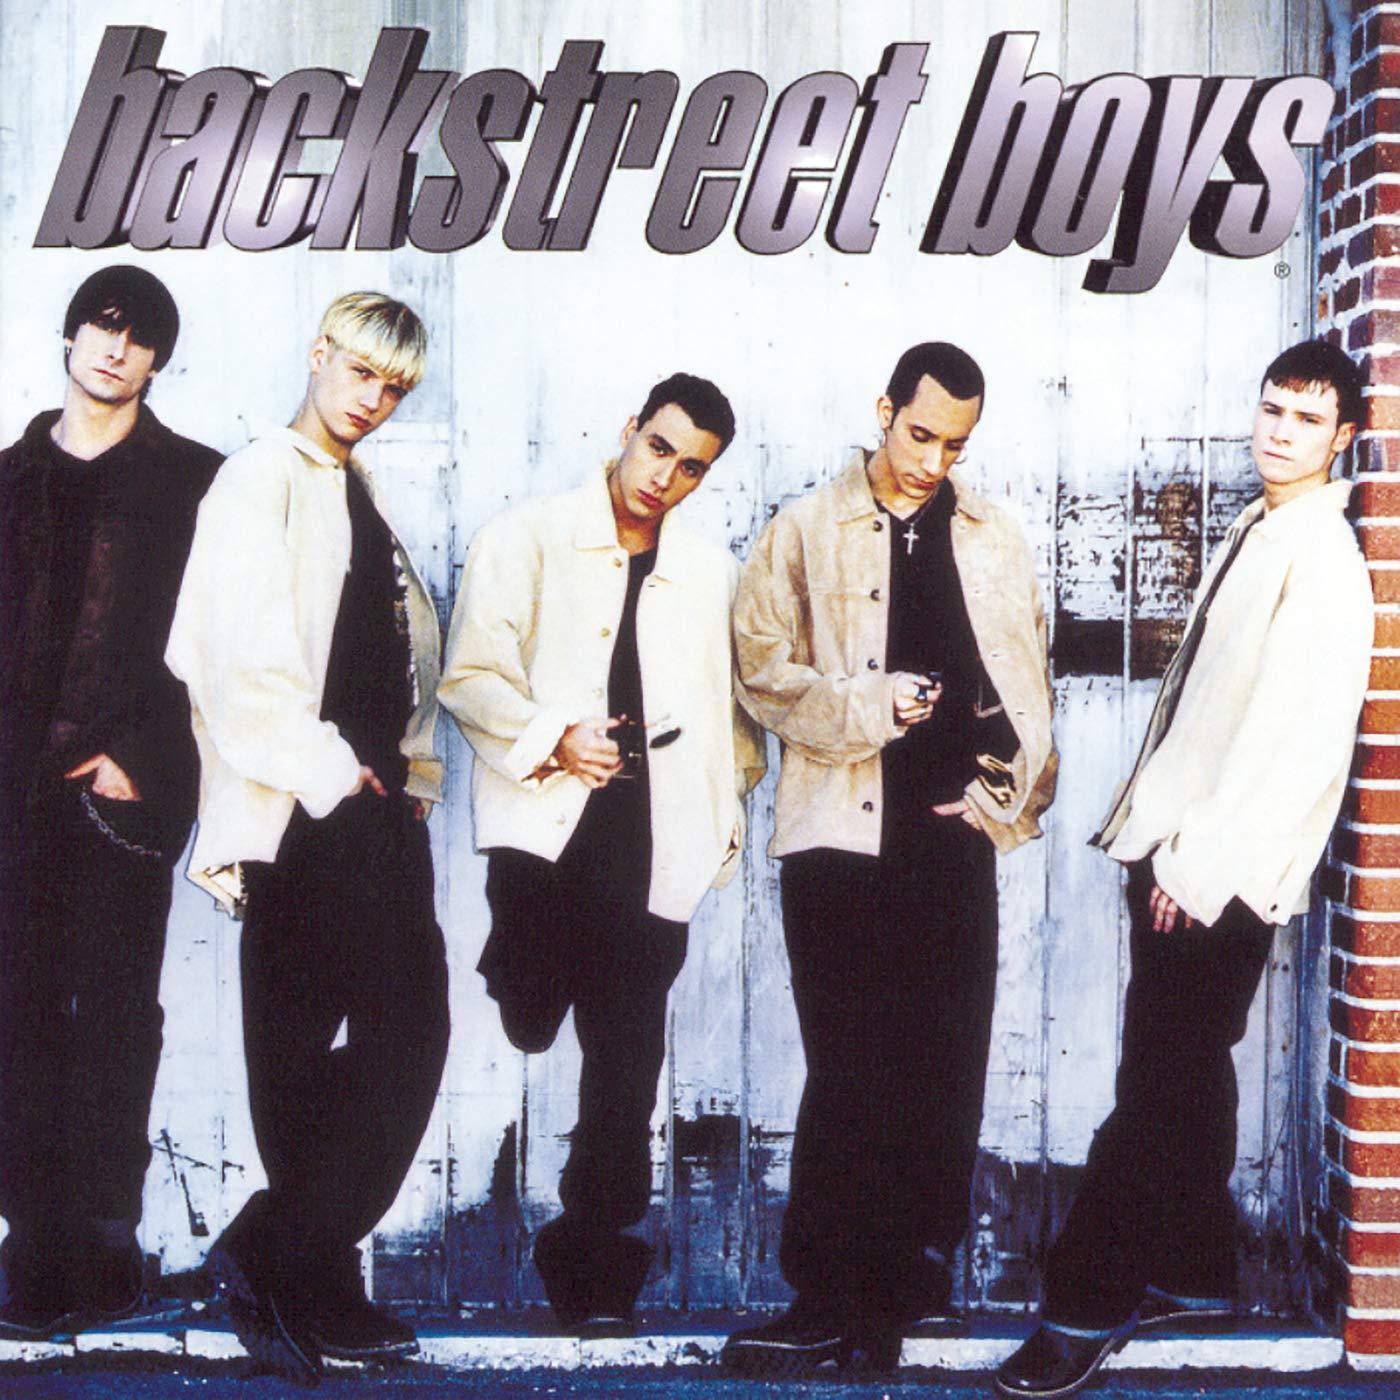 Backstreet Boys – Backstreet Boys (1996) [FLAC]